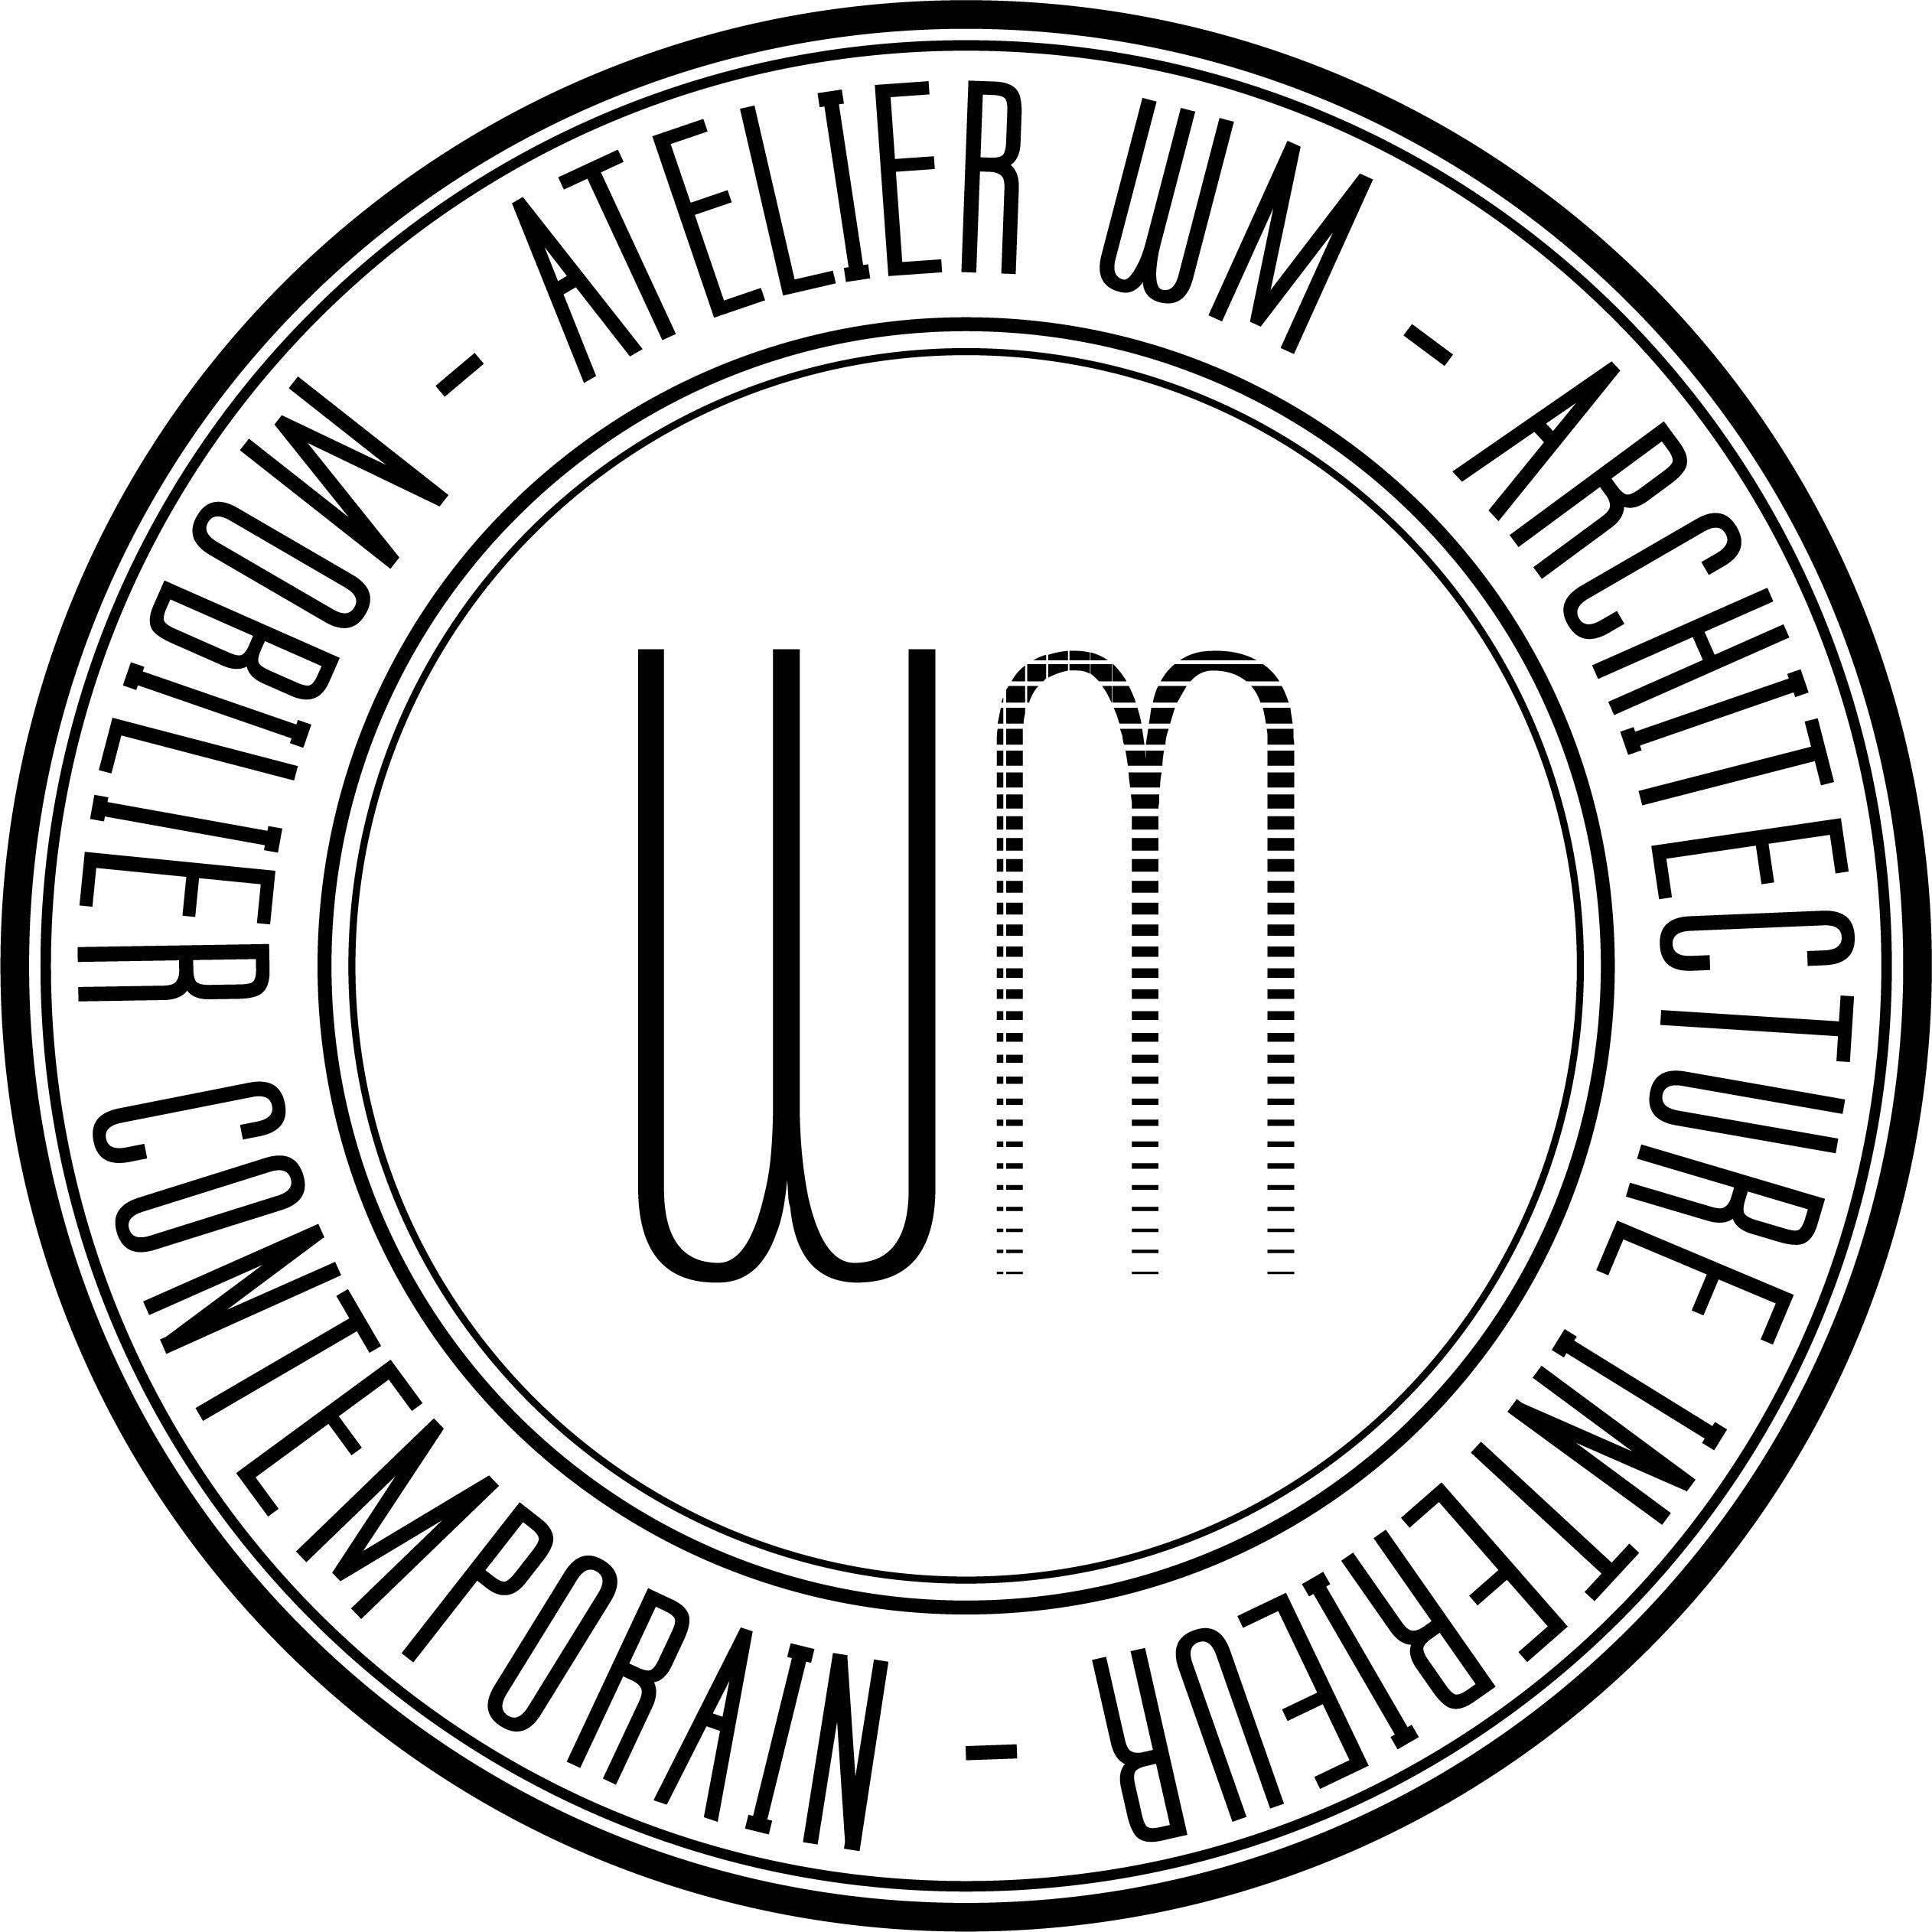 Maitrise D Oeuvre Montpellier atelier wm à montpellier 34000 (avenue du pont juvénal